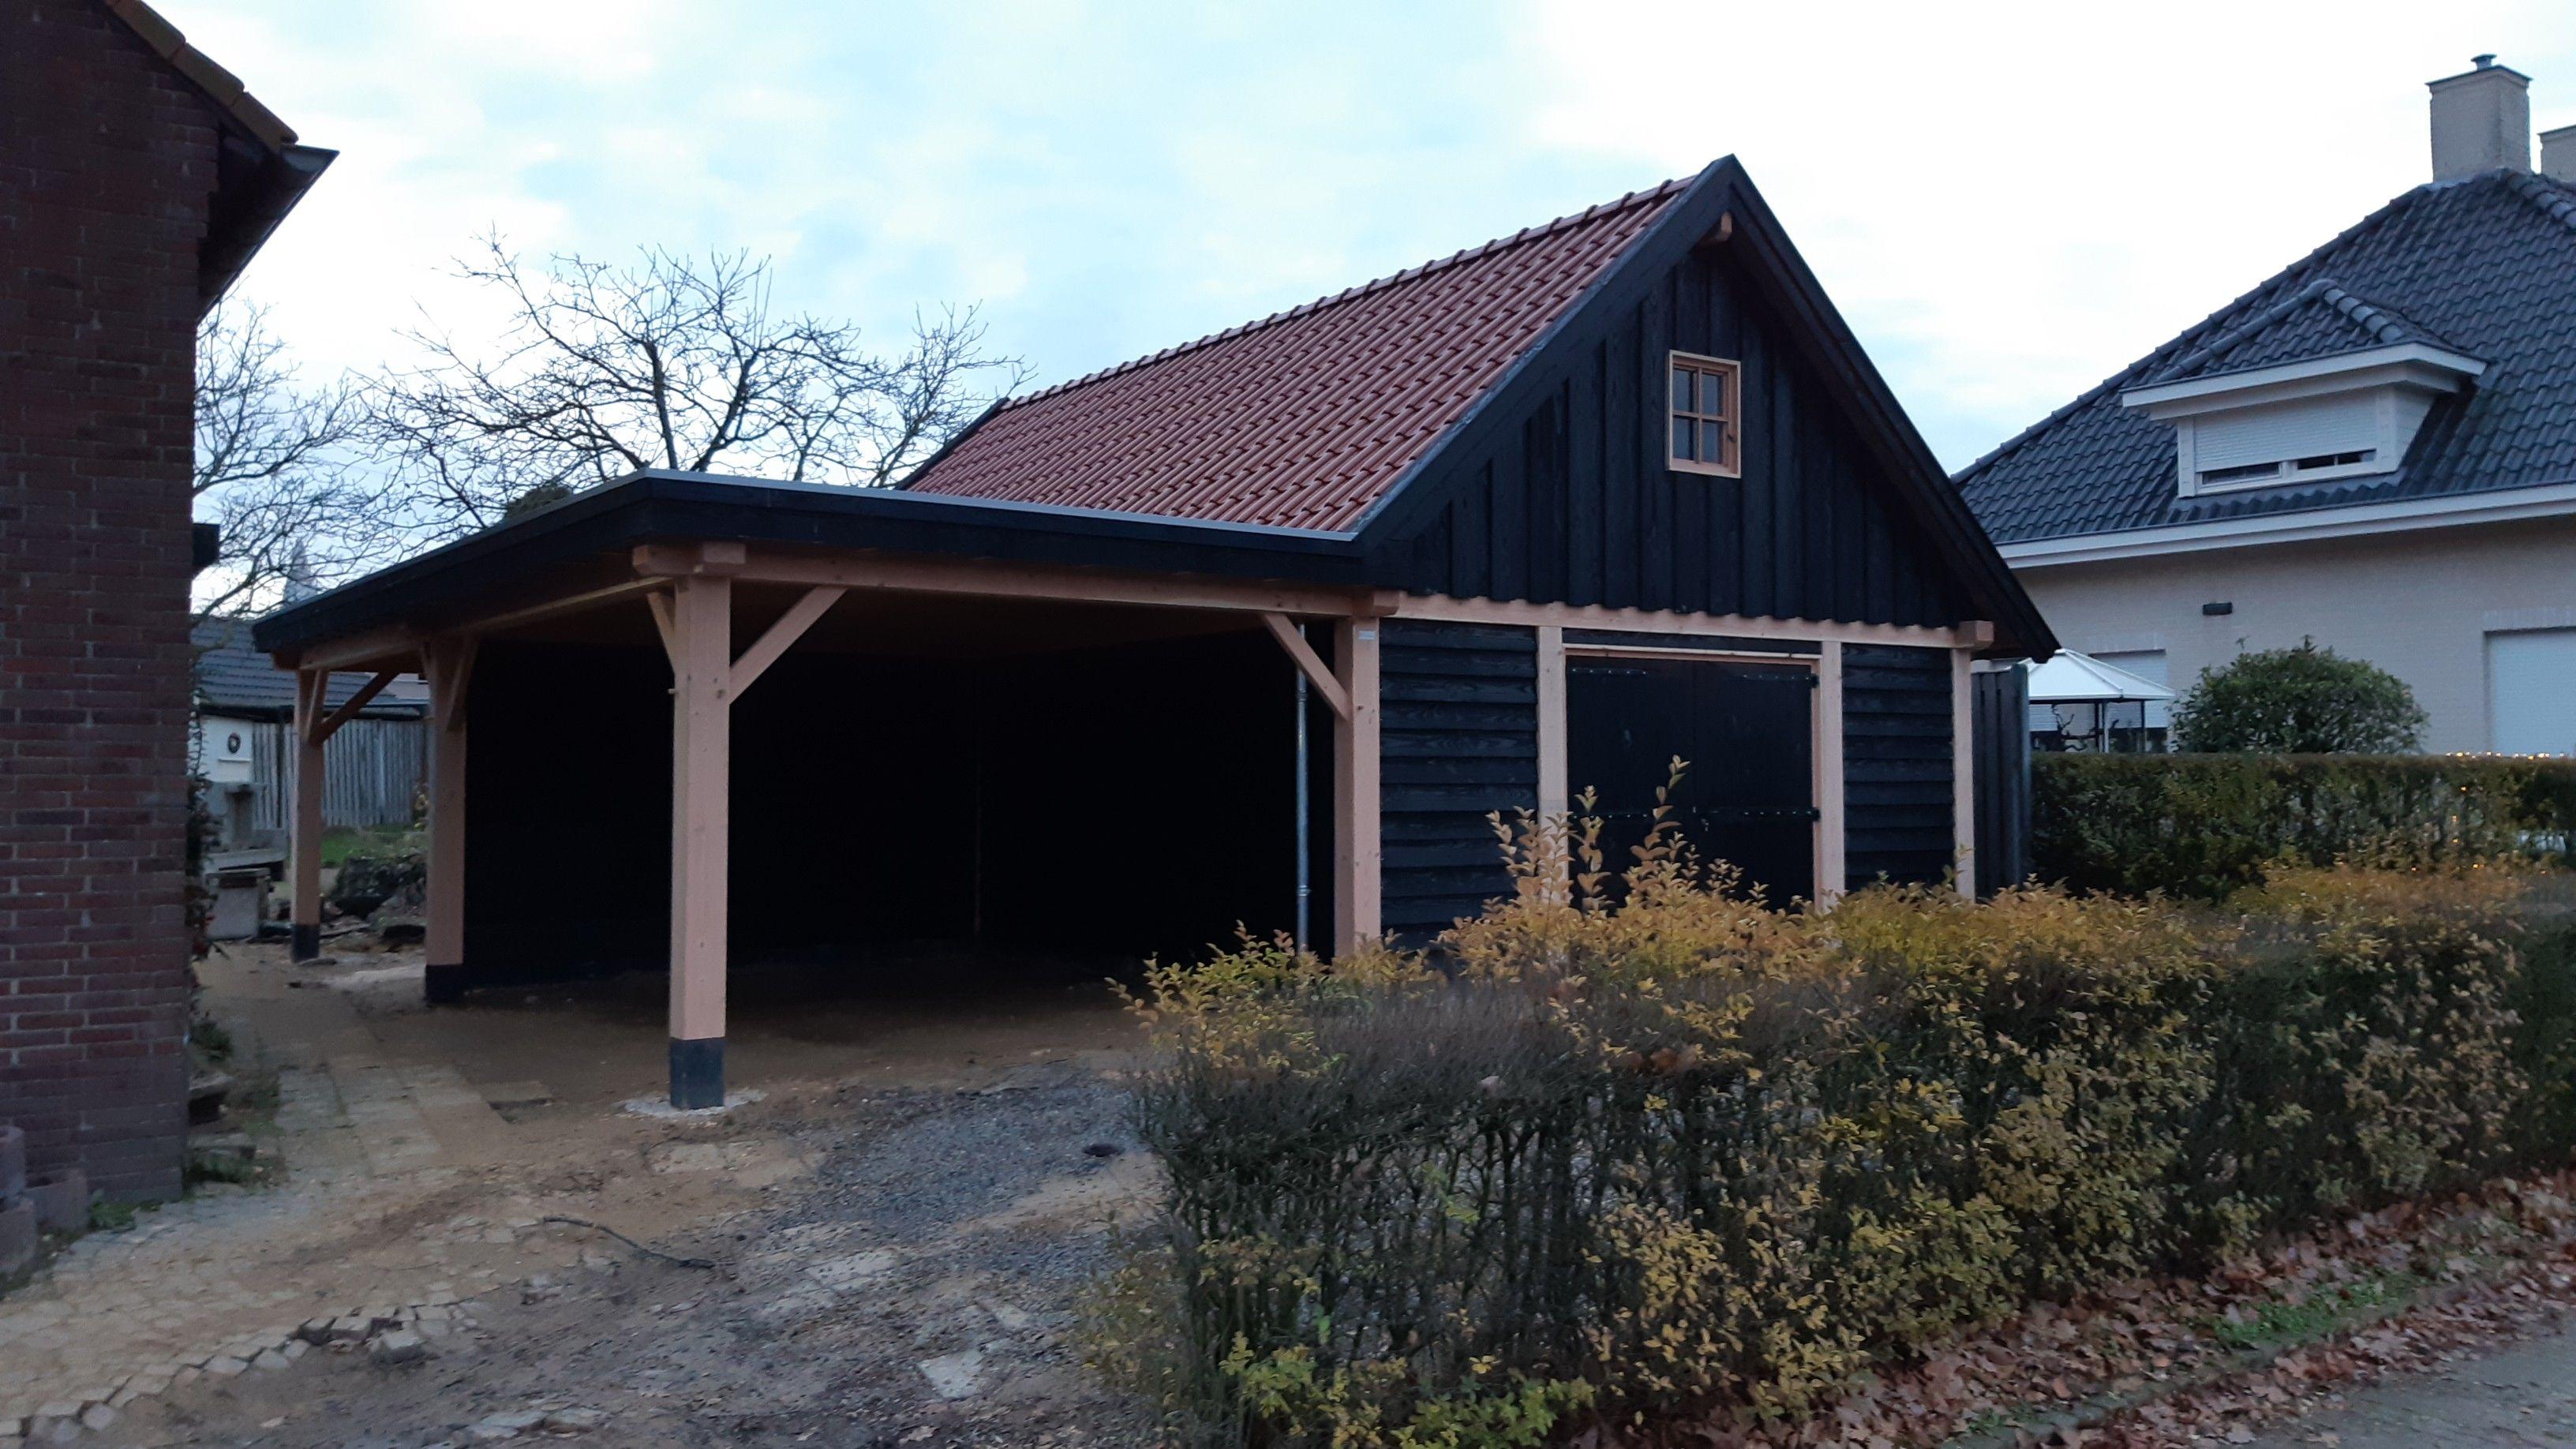 Douglas schuur met carport en veranda Emmen 573